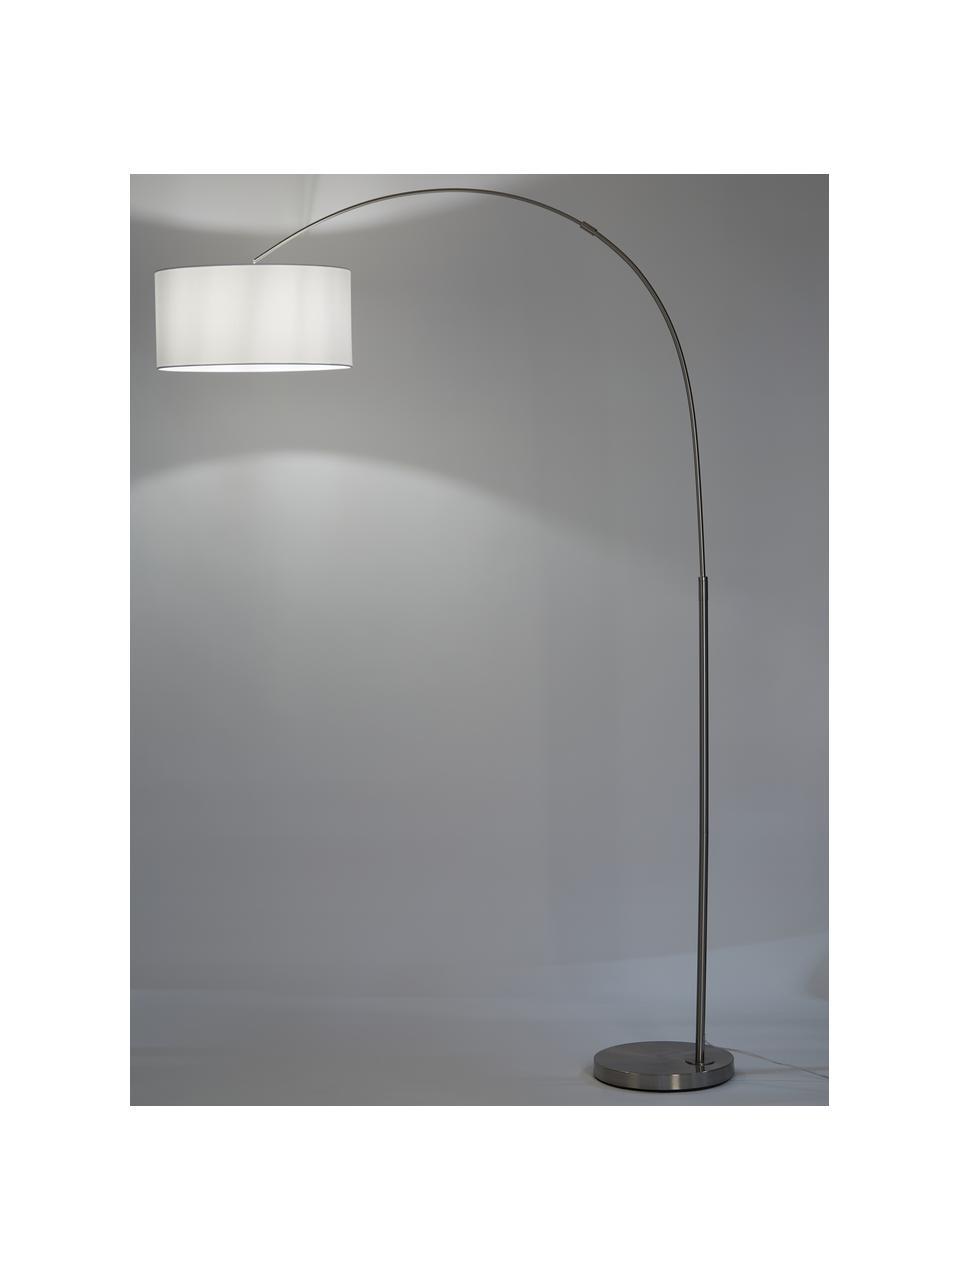 Grote booglamp Niels in chroom, Lampenkap: katoenmix, Lampvoet: geborsteld metaal, Lampenkap: wit. Lampvoet: chroomkleurig. Snoer: transparant, 157 x 218 cm